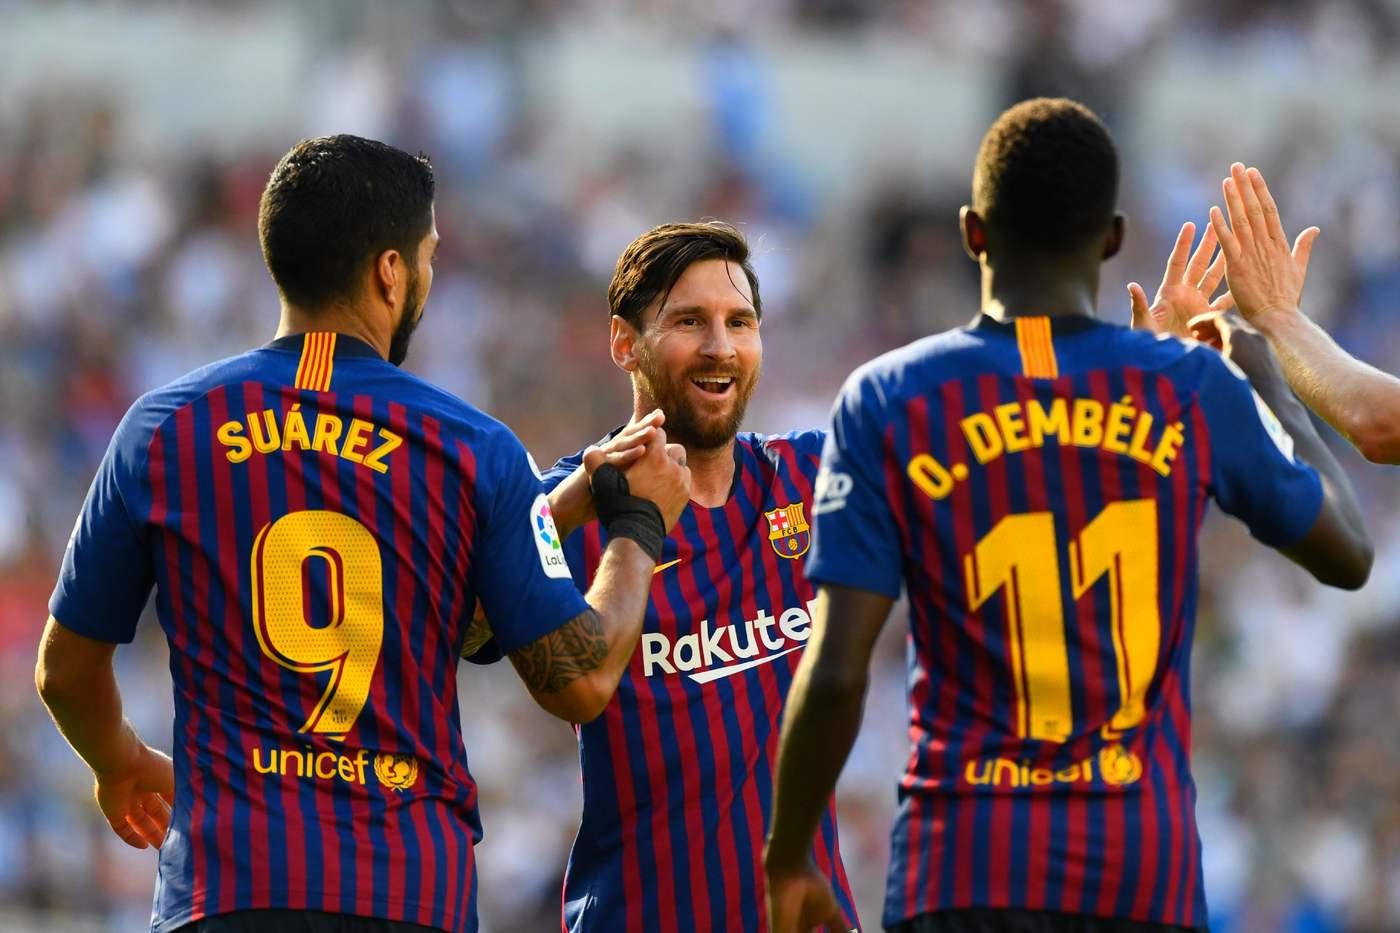 Copa del Rey, Levante-Barcellona 10 gennaio: analisi e pronostico della giornata dedicata agli ottavi di finale della coppa nazionale spagnola